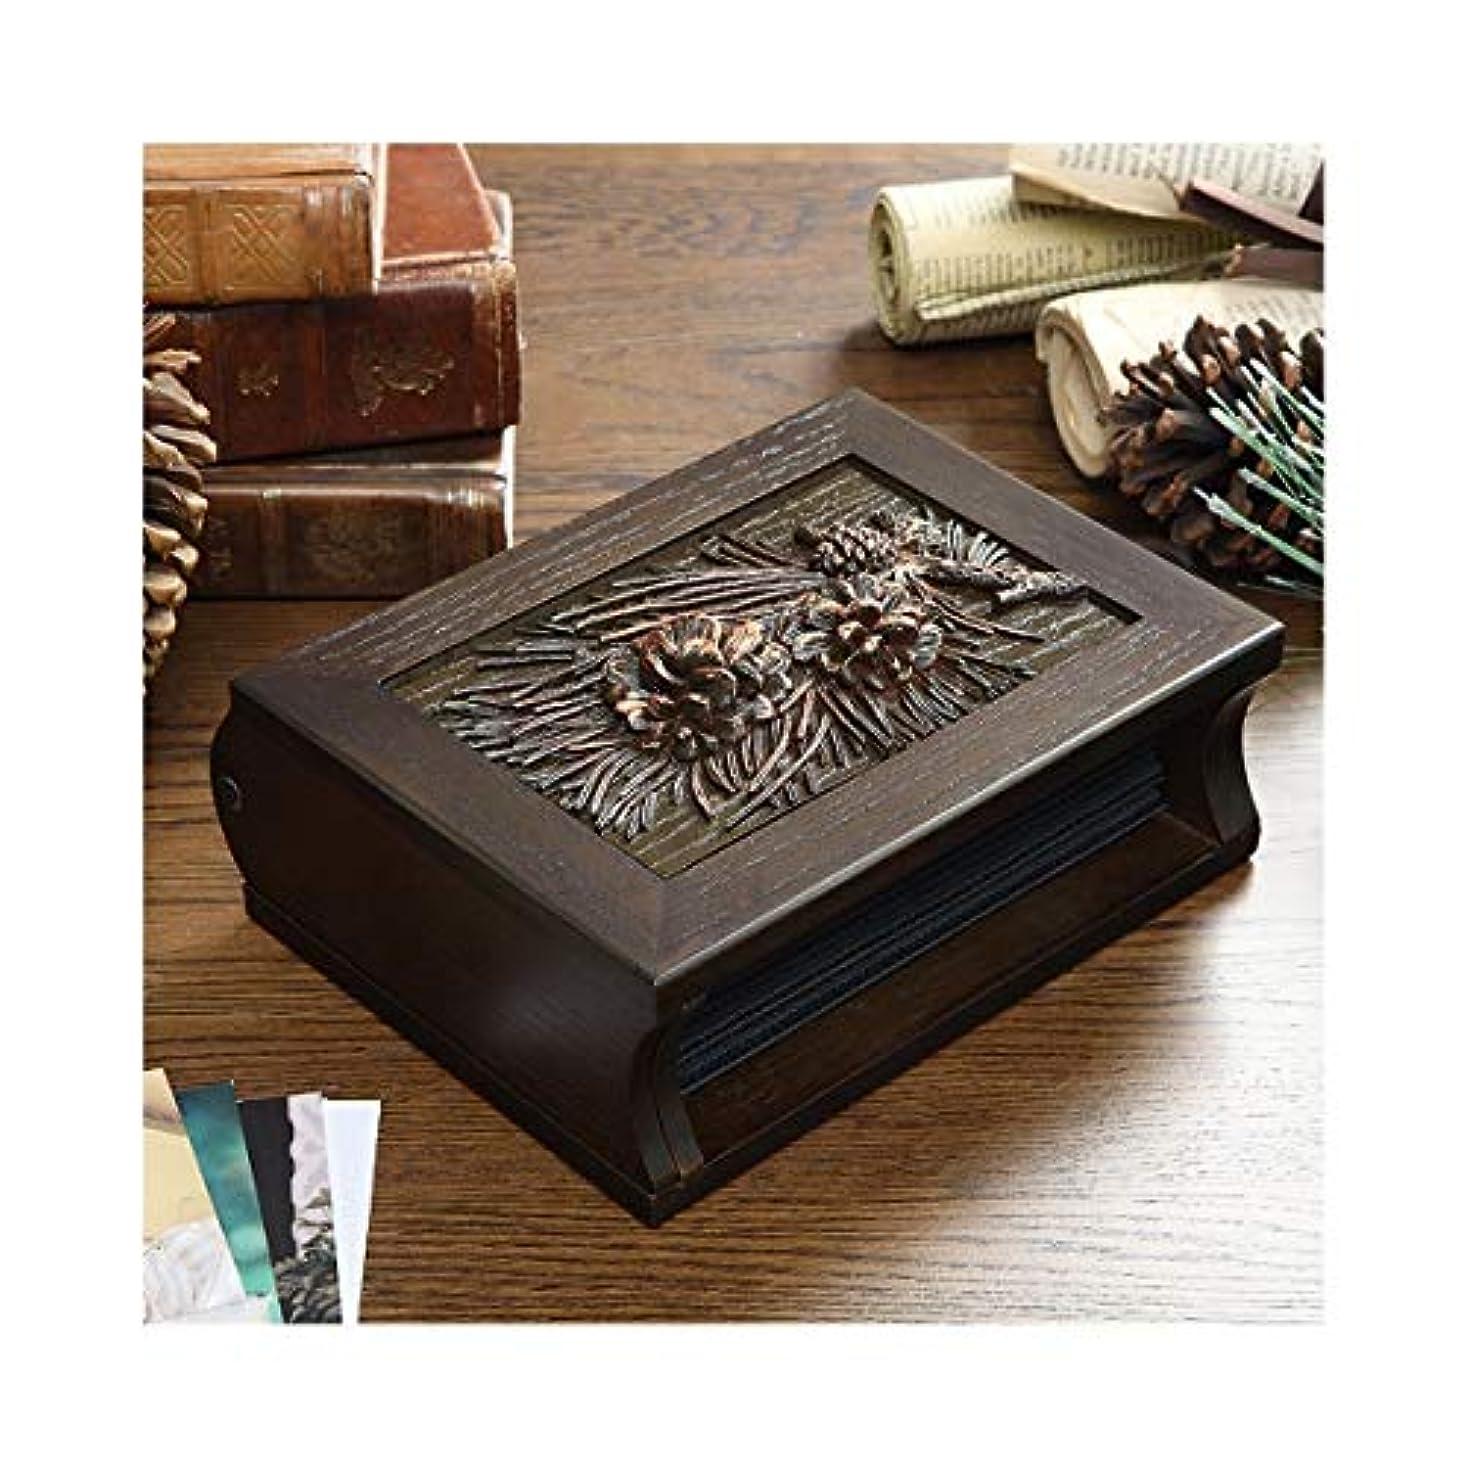 マナーコンテンポラリー著作権WXZD ヴィンテージクリエイティブ木製ビジネスギフト、ファミリーインセットアルバム、フォトアルバム、6インチフォトアルバム (Color : Brown)